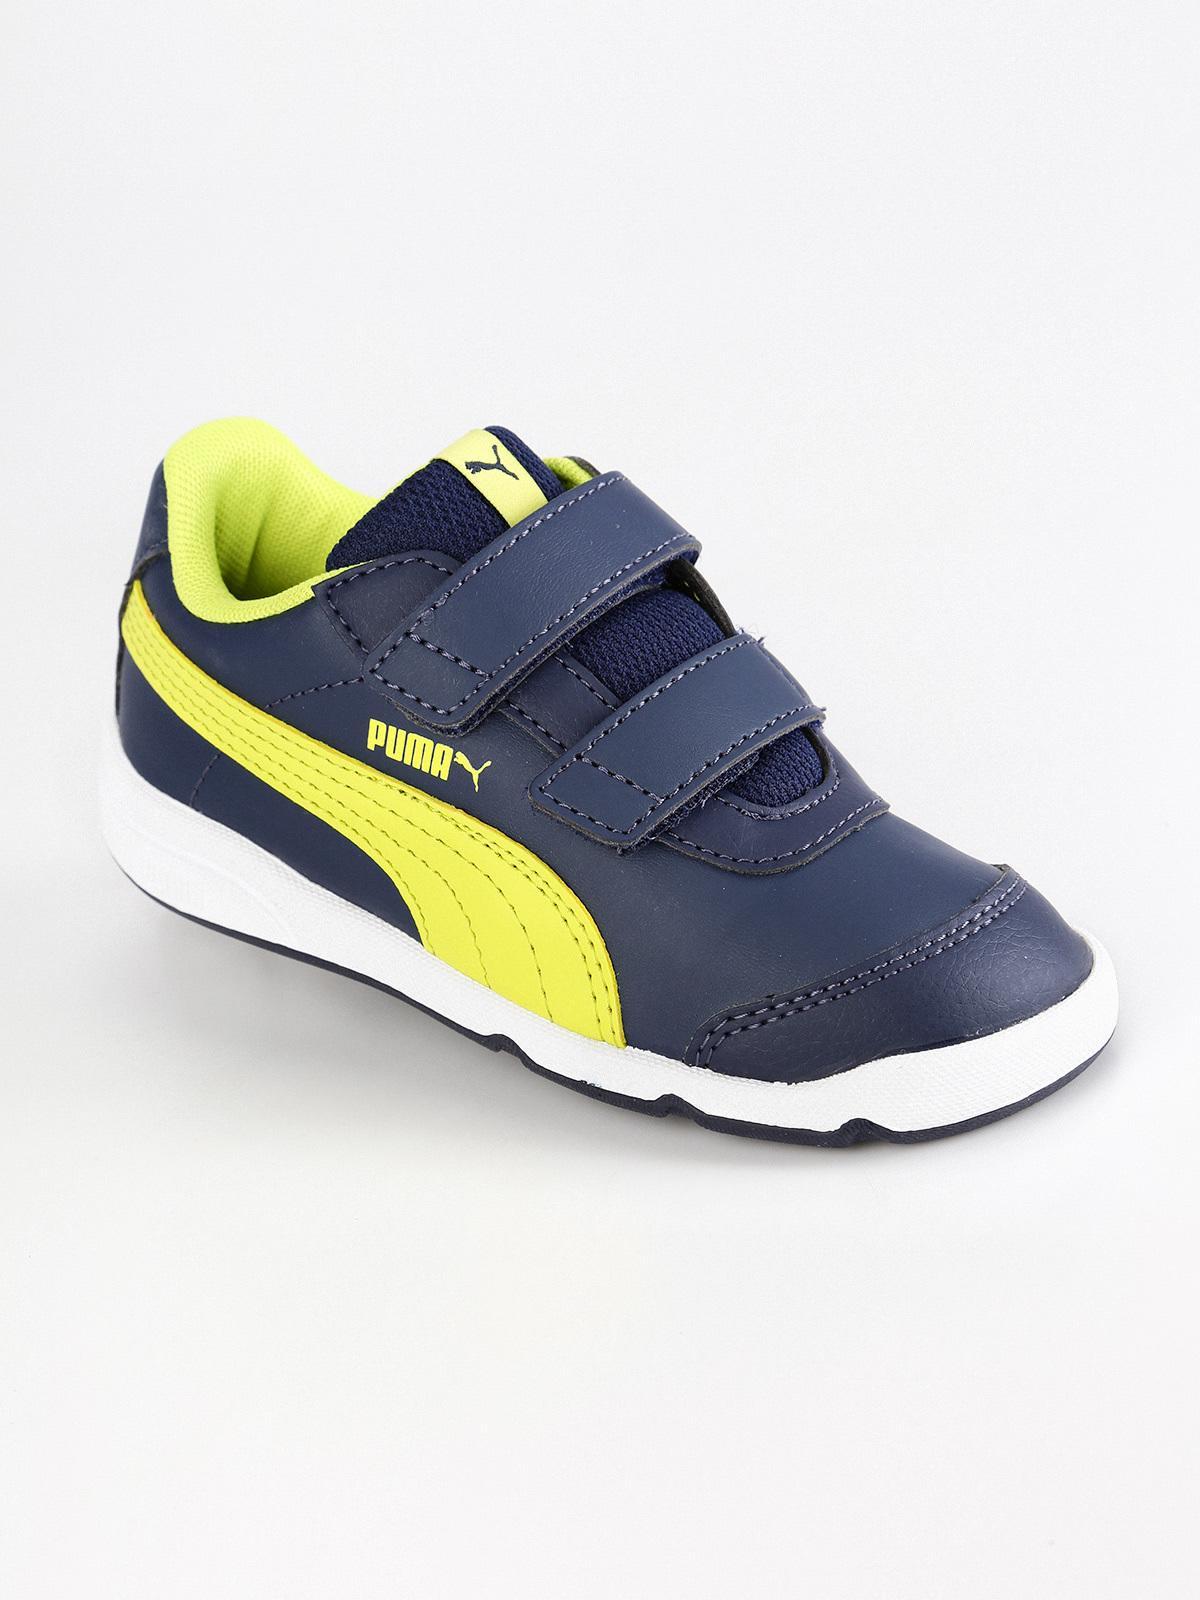 Sneakers Stepfleex 2 SL V Inf BluGiallo puma | MecShopping